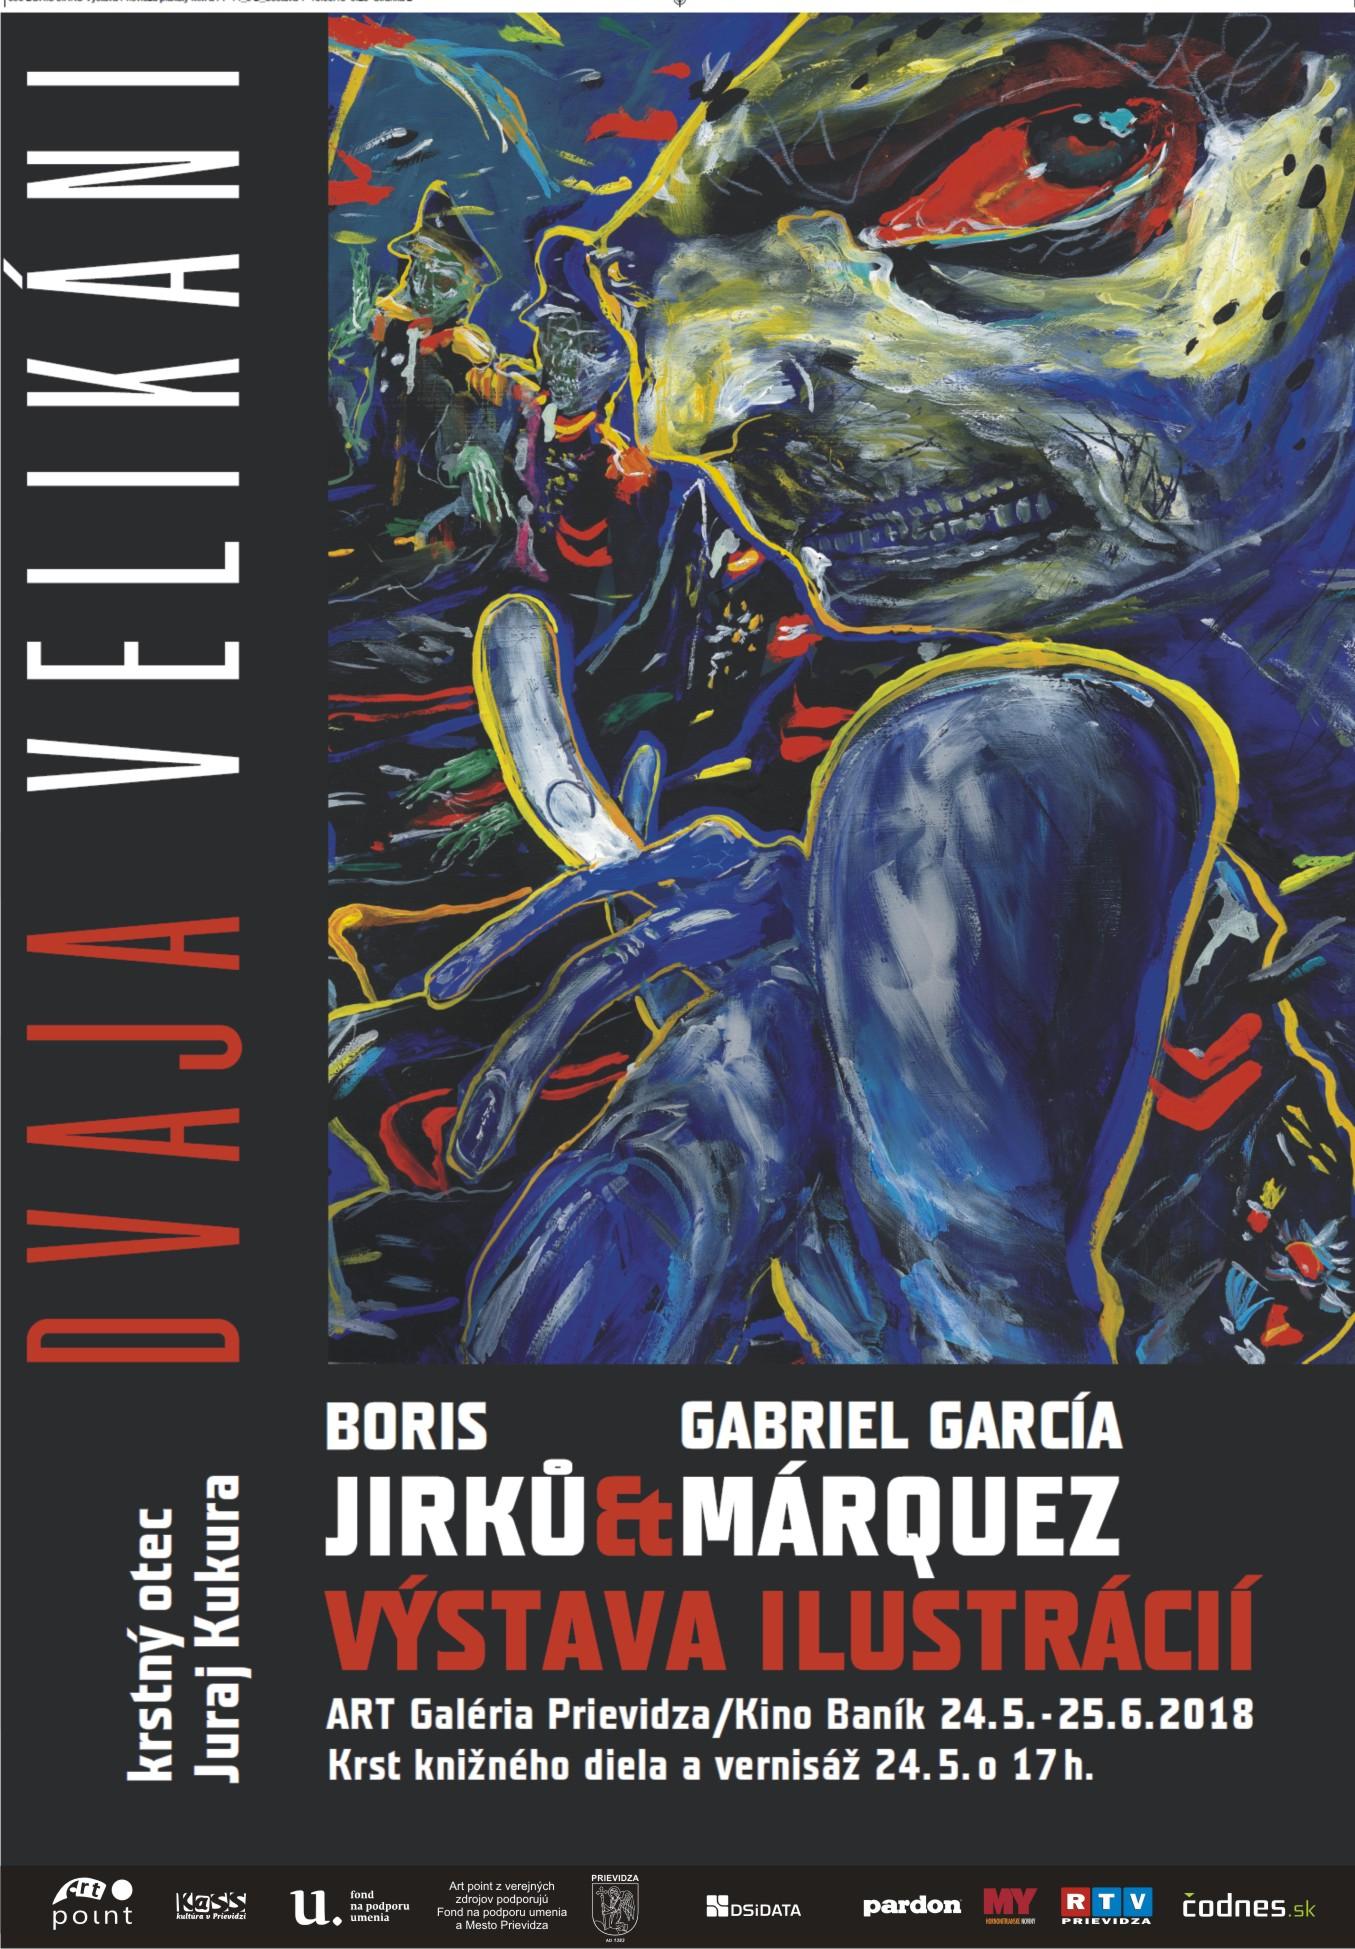 TRAJA VELIKÁNI - BORIS JIRKU & Gabriel García MÁRQUEZ & Michail BULGAKOV - výstava ilustrácií - vernisáž a krst kníh